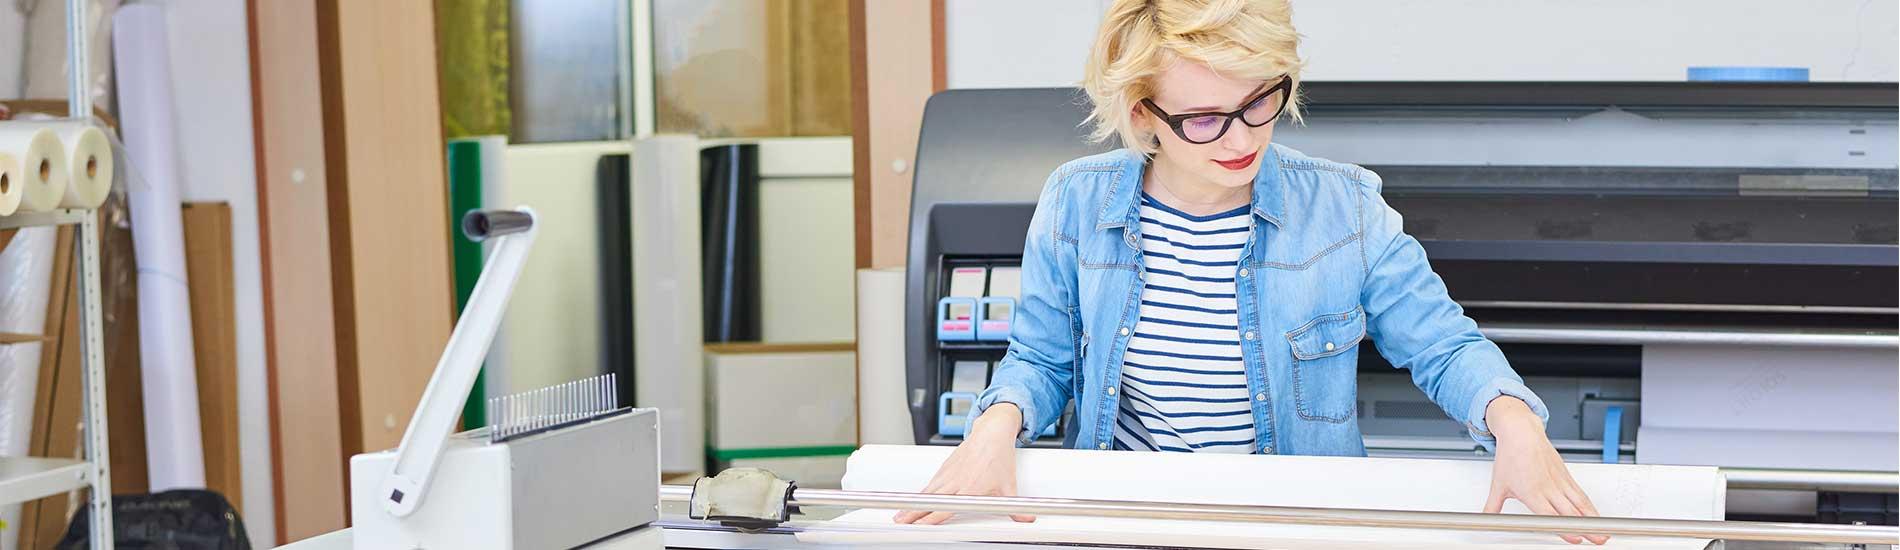 our print shop